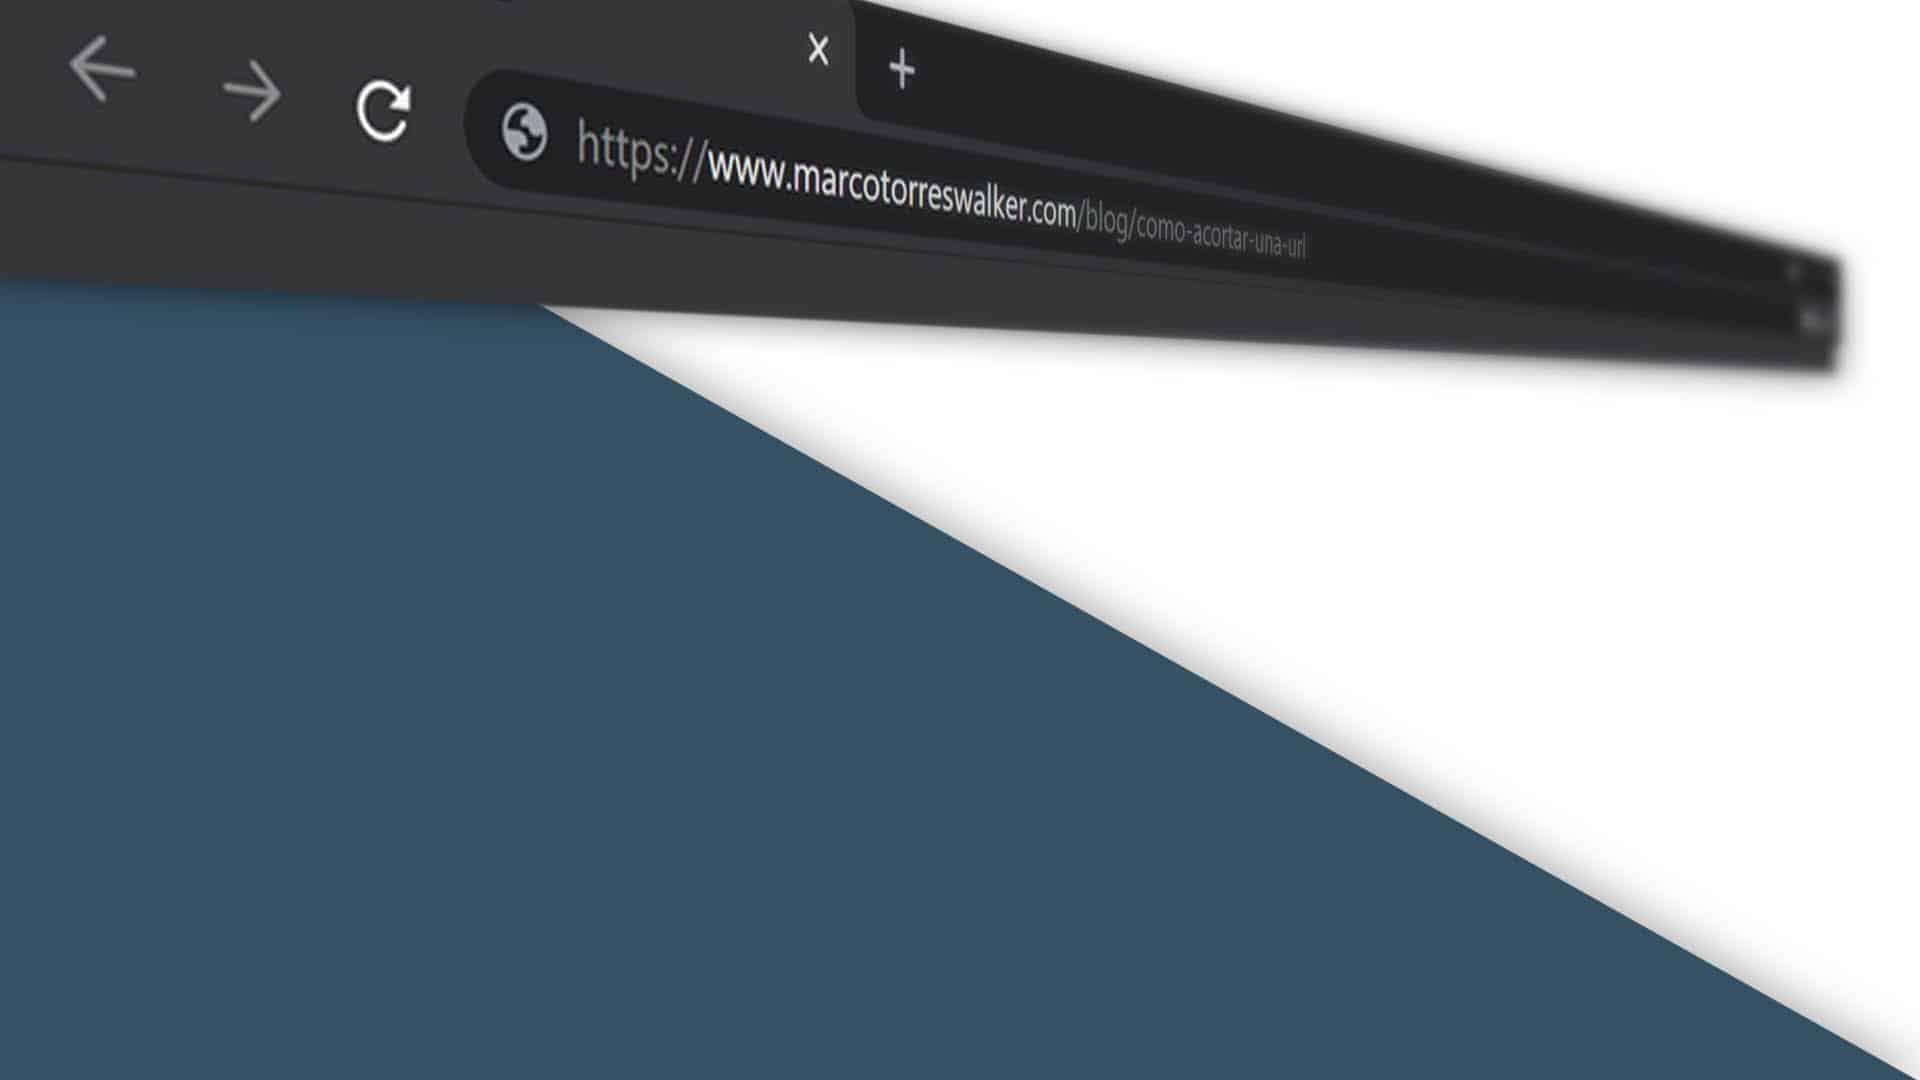 <mark>Cómo acortar una URL: ventajas y desventajas de una URL corta</mark> 7